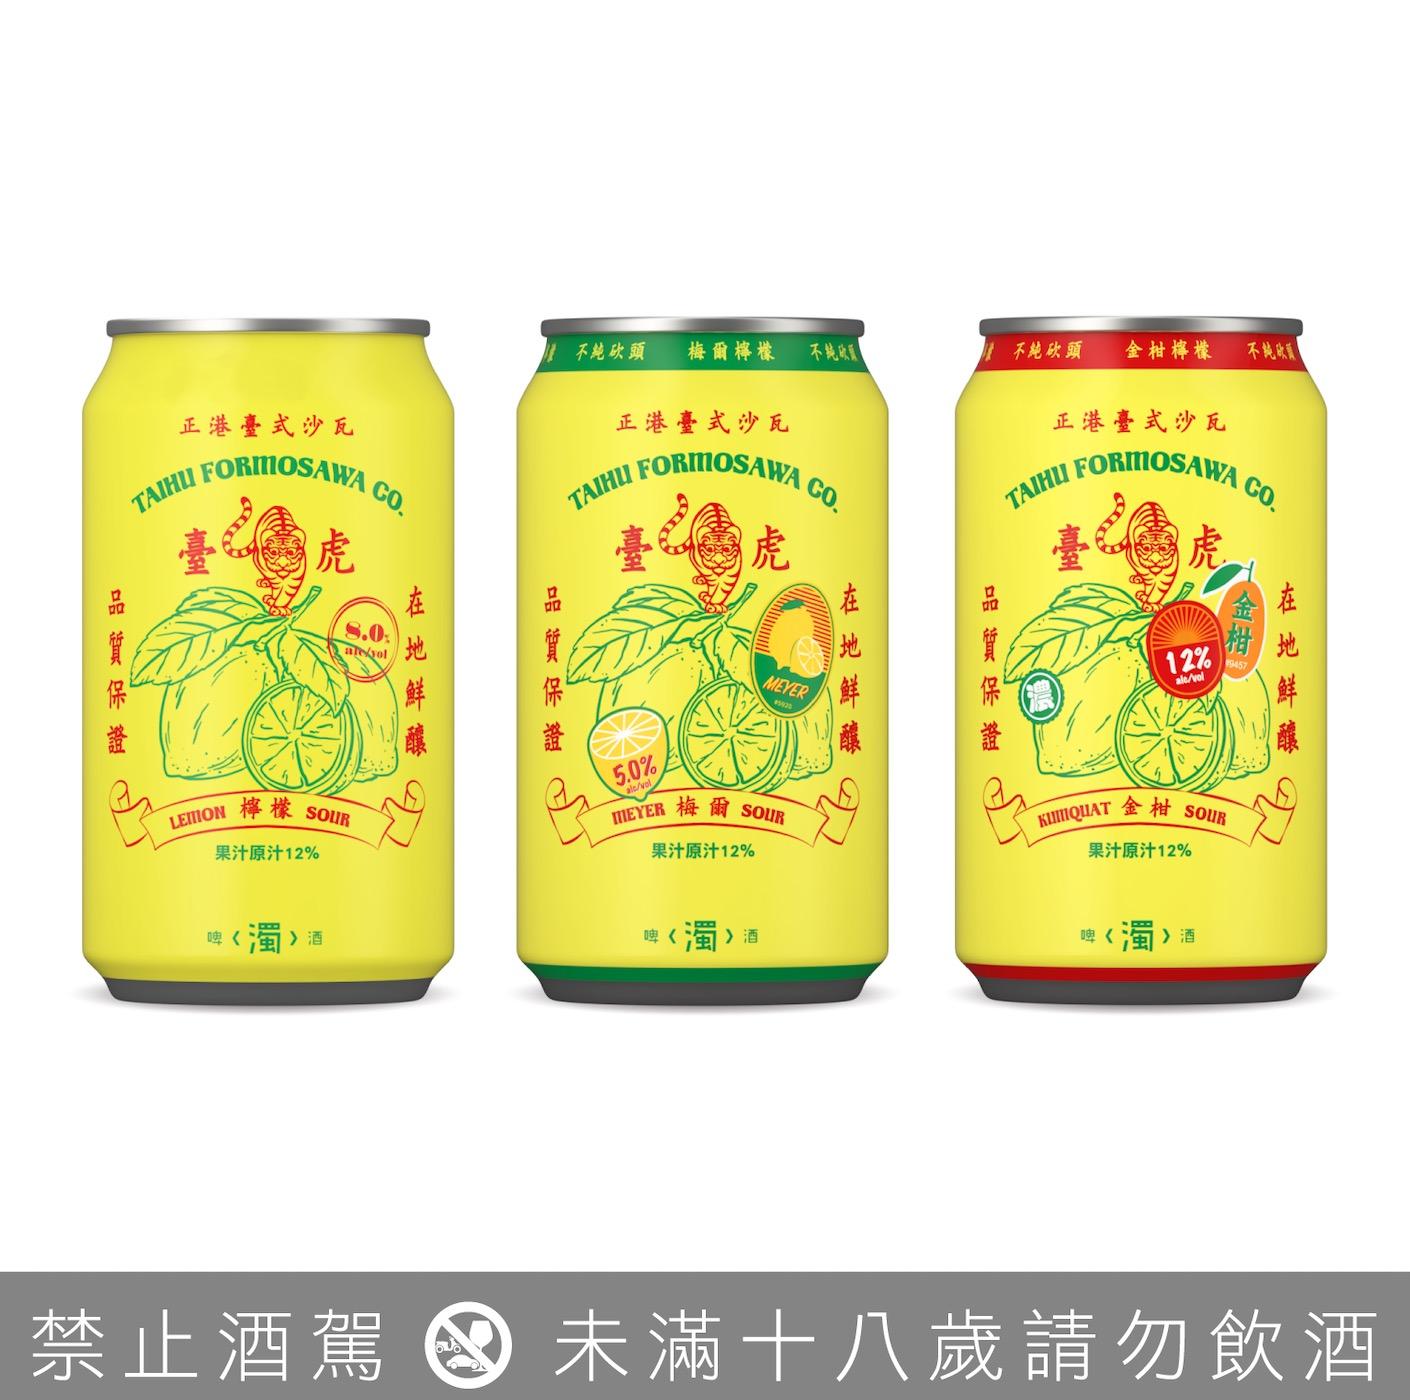 臺虎「沙瓦三兄弟」史上最濃 限量禮盒登場!